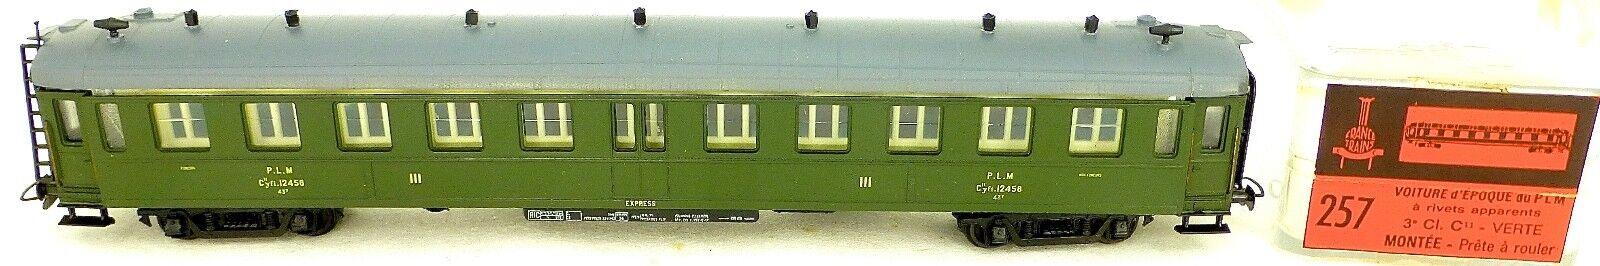 Plm 3 ;;me Cl Cyfi.12458 Voiture Verte France Trains 257 H0 1 87 Embalage